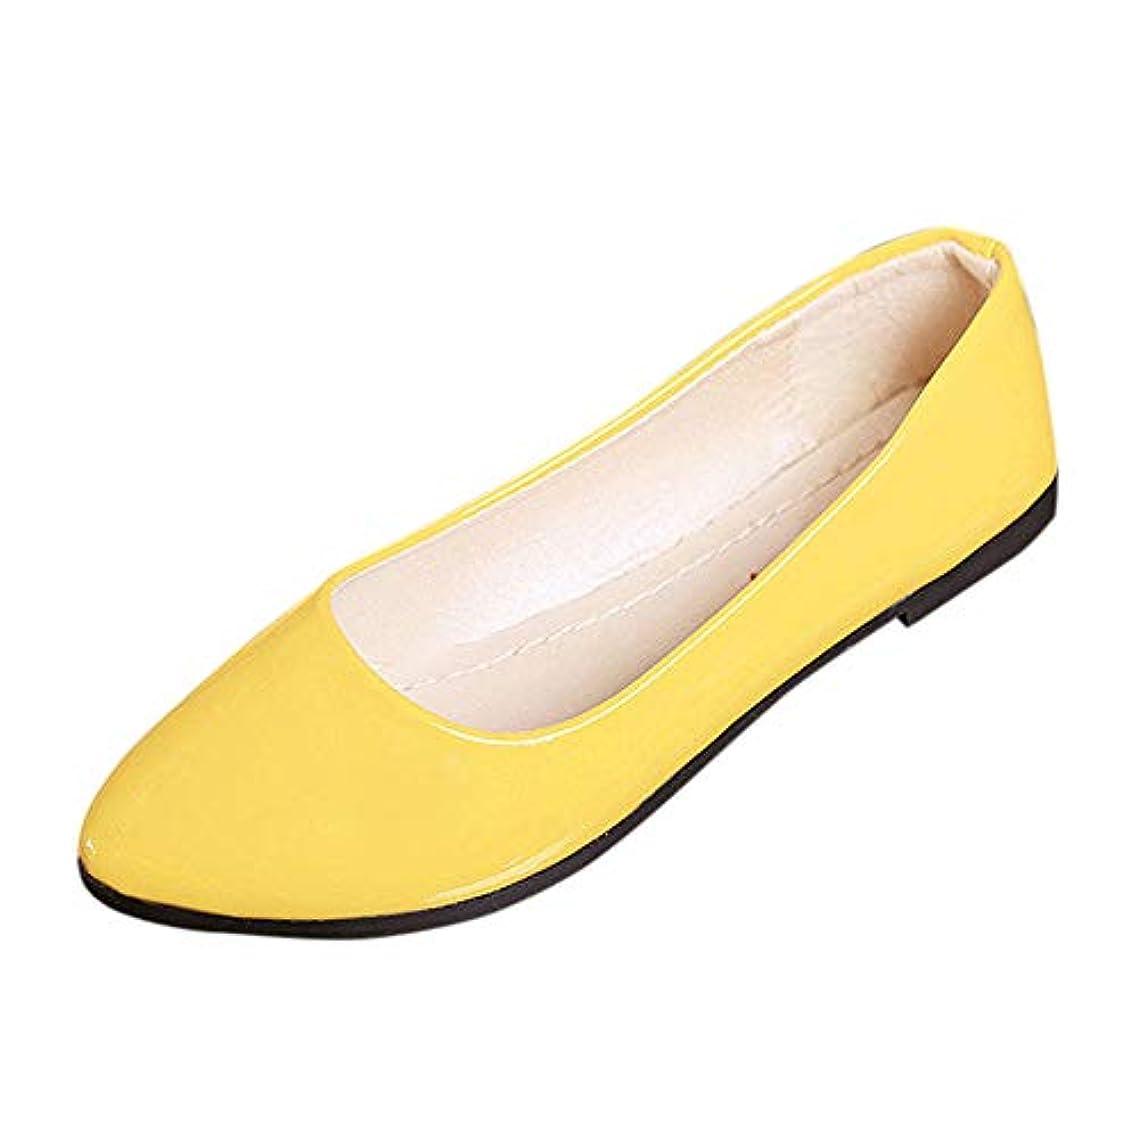 編集者有毒な寛大なレディース サンダルTongdaxinxi 女性 フラットシューズサンダル カジュアル カラフルな靴のサイズをスリップ フラット スウェード カジュアル 靴 婦人靴 柔らかい 歩きやすい フェミニン レディース